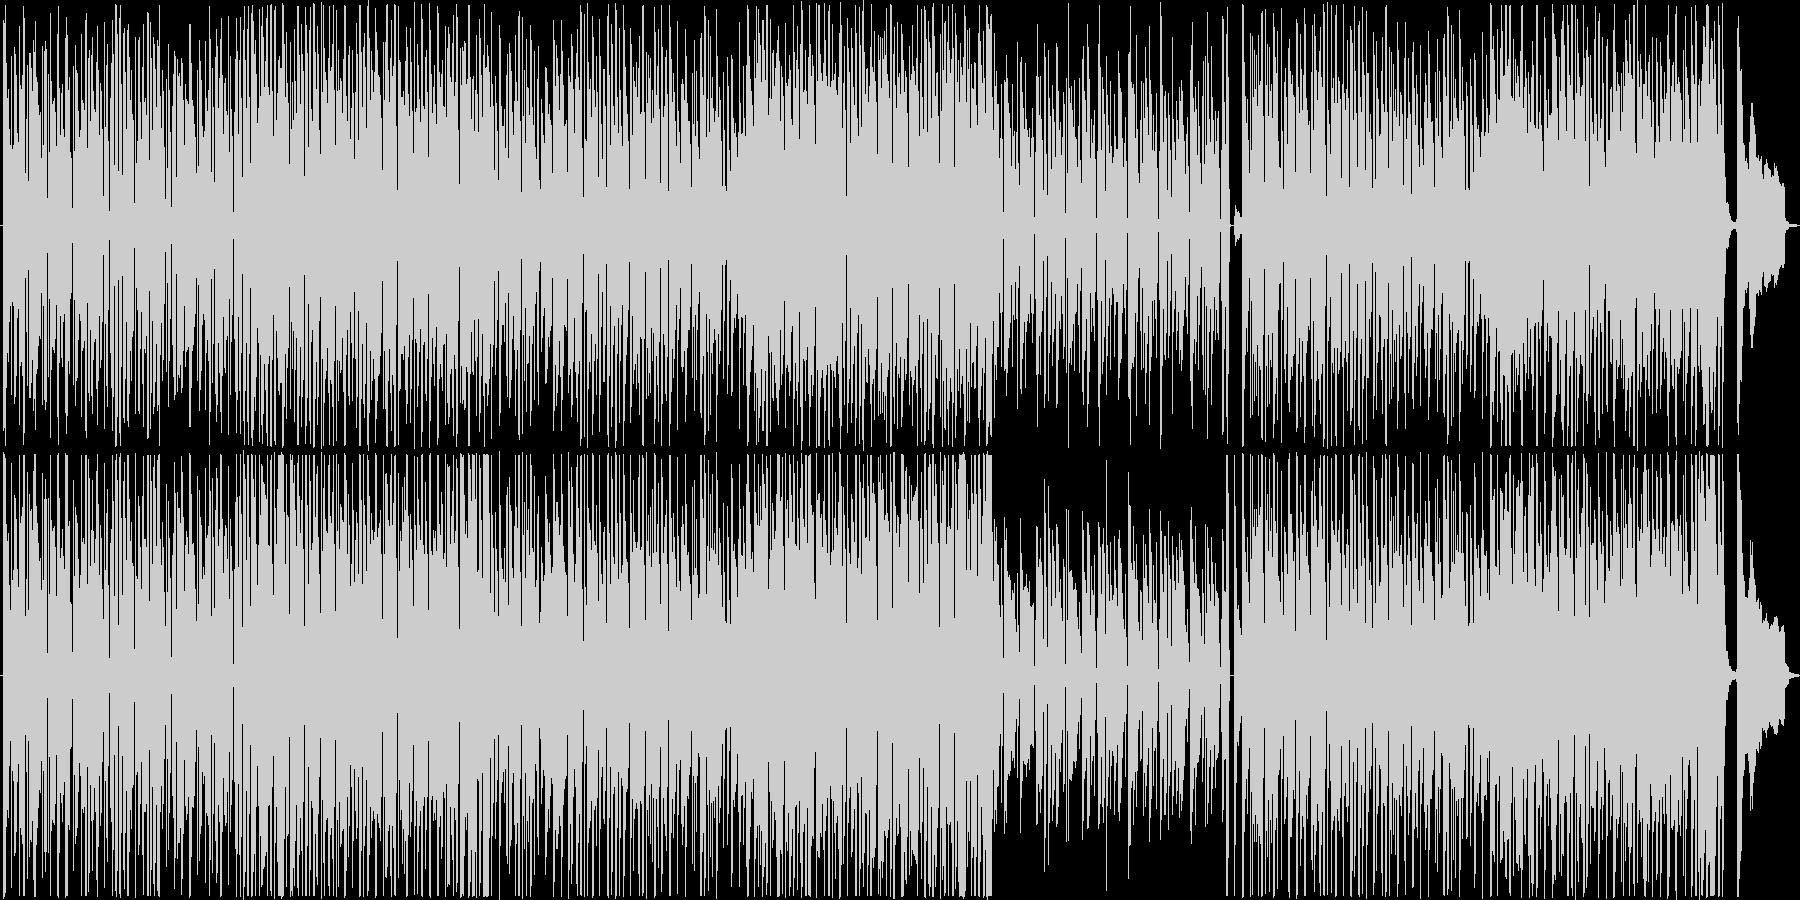 クールなジャズファンクトラックの未再生の波形